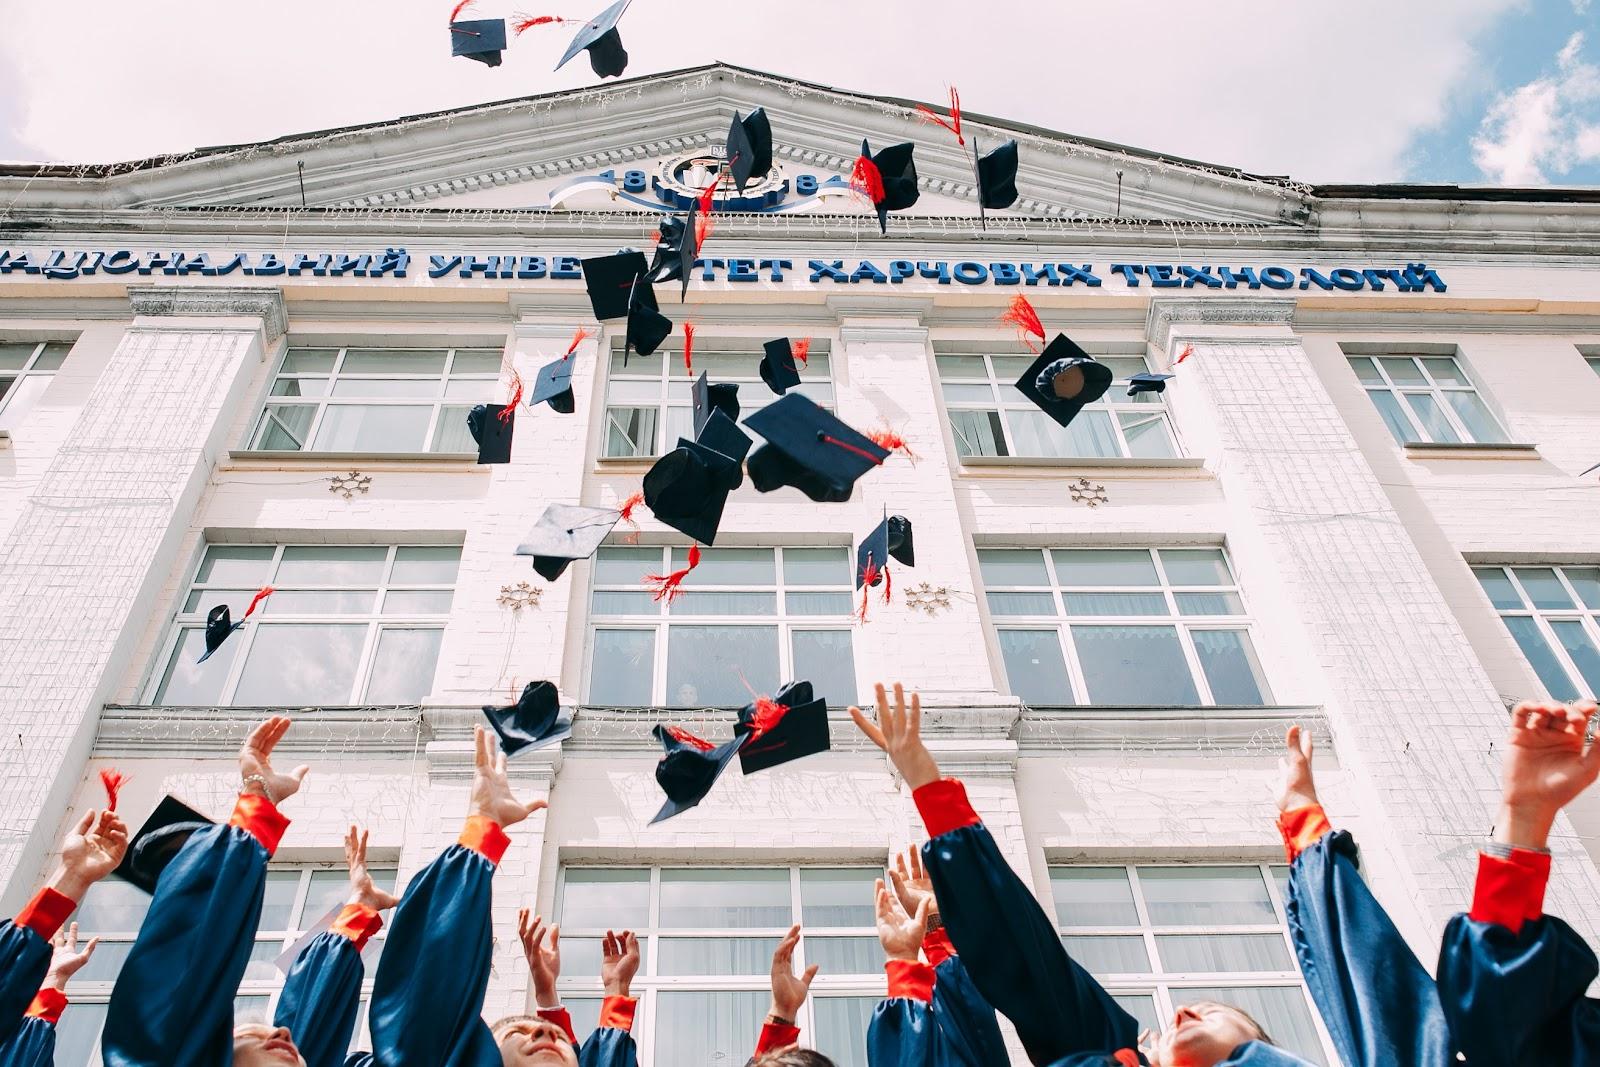 Graduates throwing caps in the air.